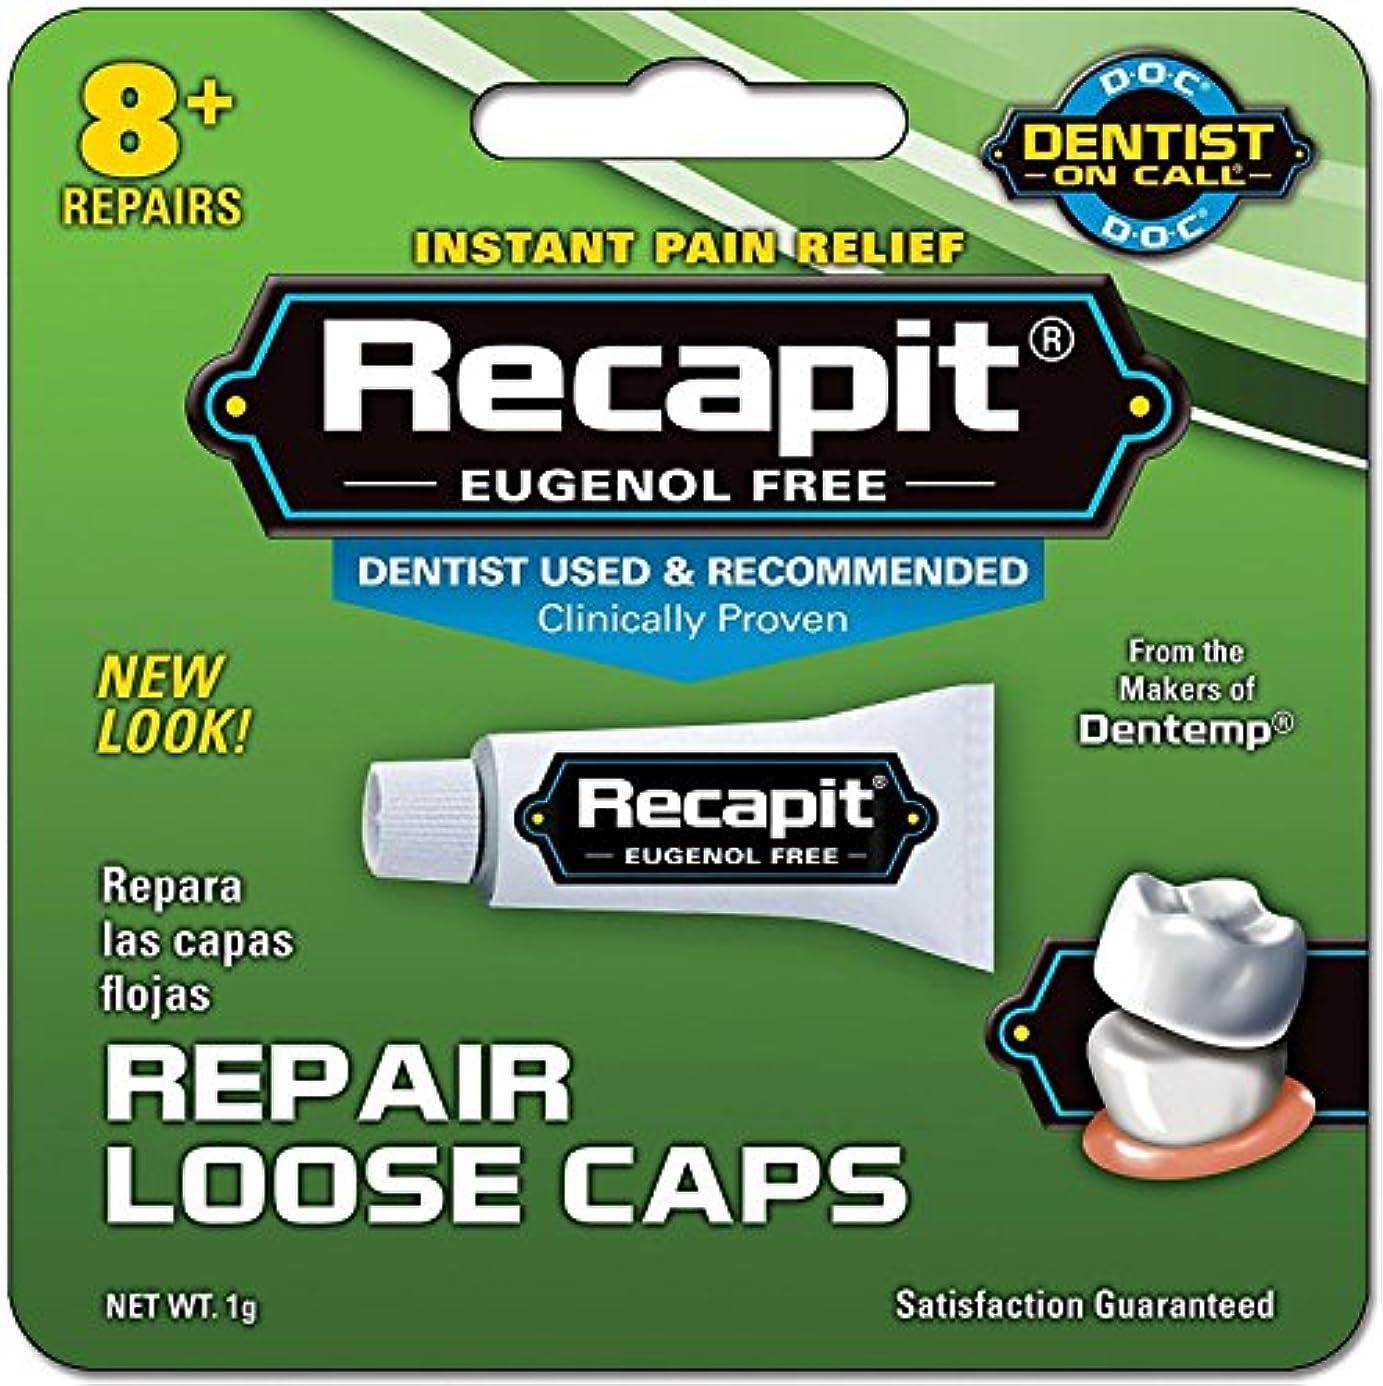 合体下位製造Doc Recapitルースキャップ歯科修復 - 8つの修理、2パック